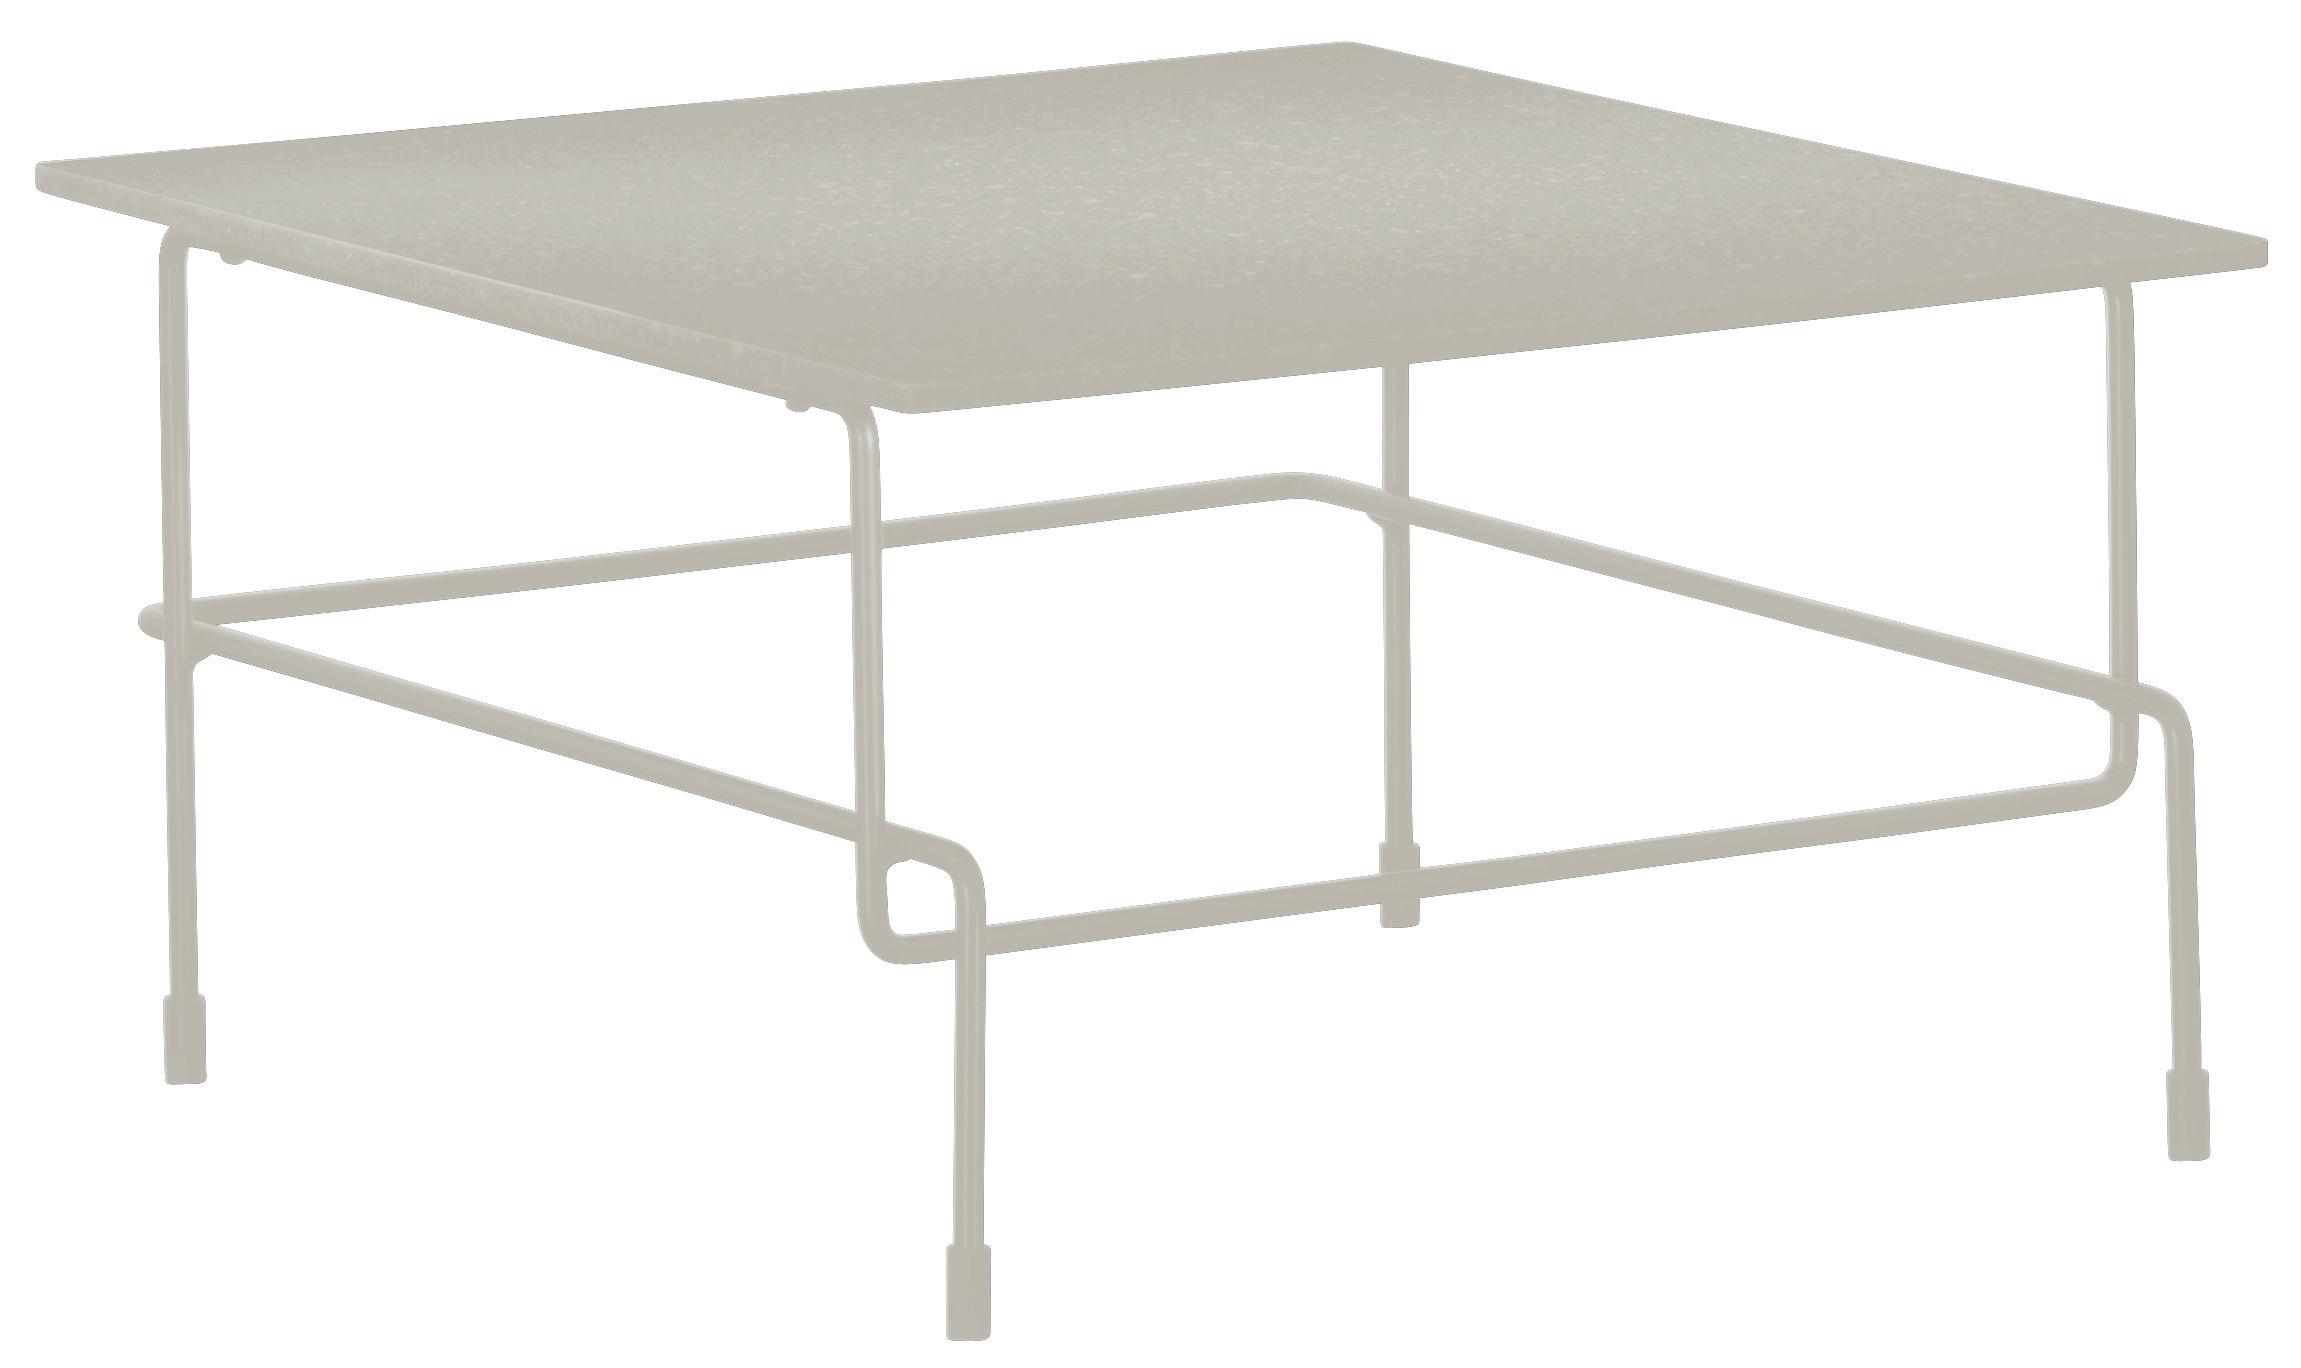 Mobilier - Tables basses - Table basse Traffic / 60 x 60 cm - Pour l'extérieur - Magis - Blanc - Acier verni, Pierre acrylique